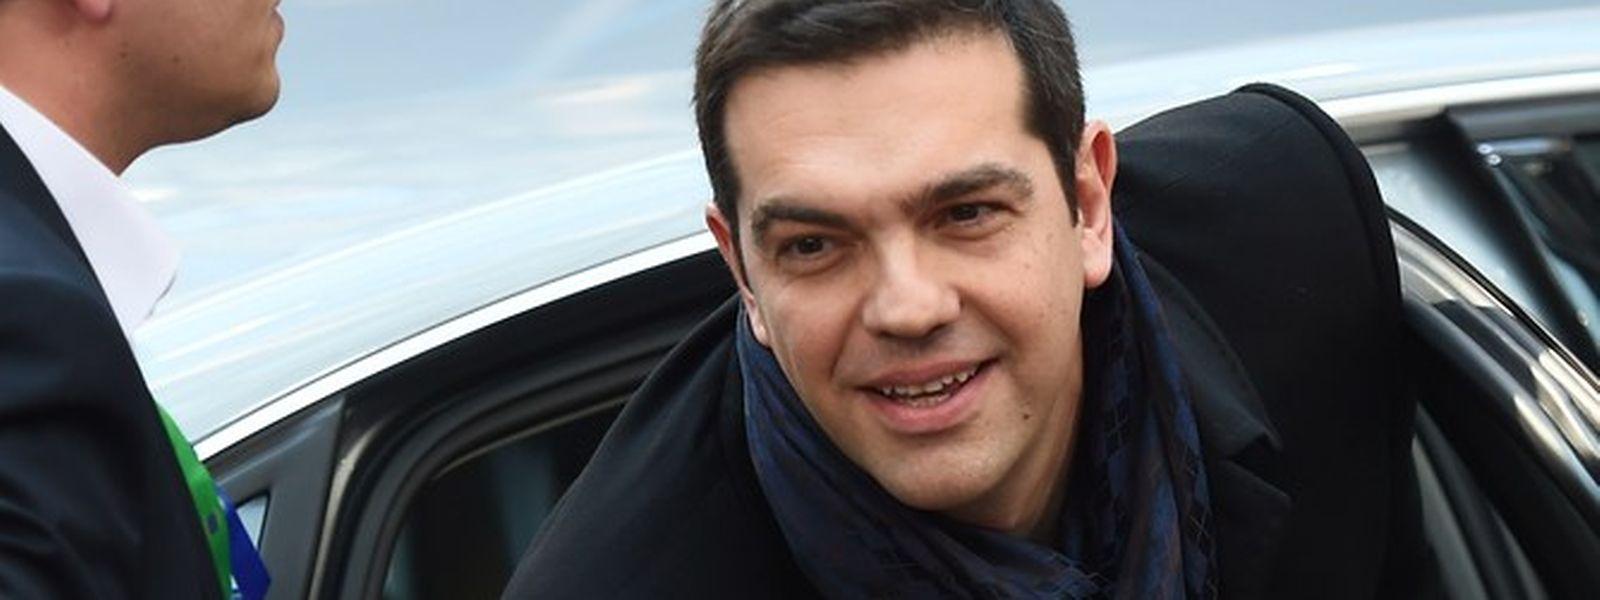 Alexis Tsipras, o primeiro-ministro grego